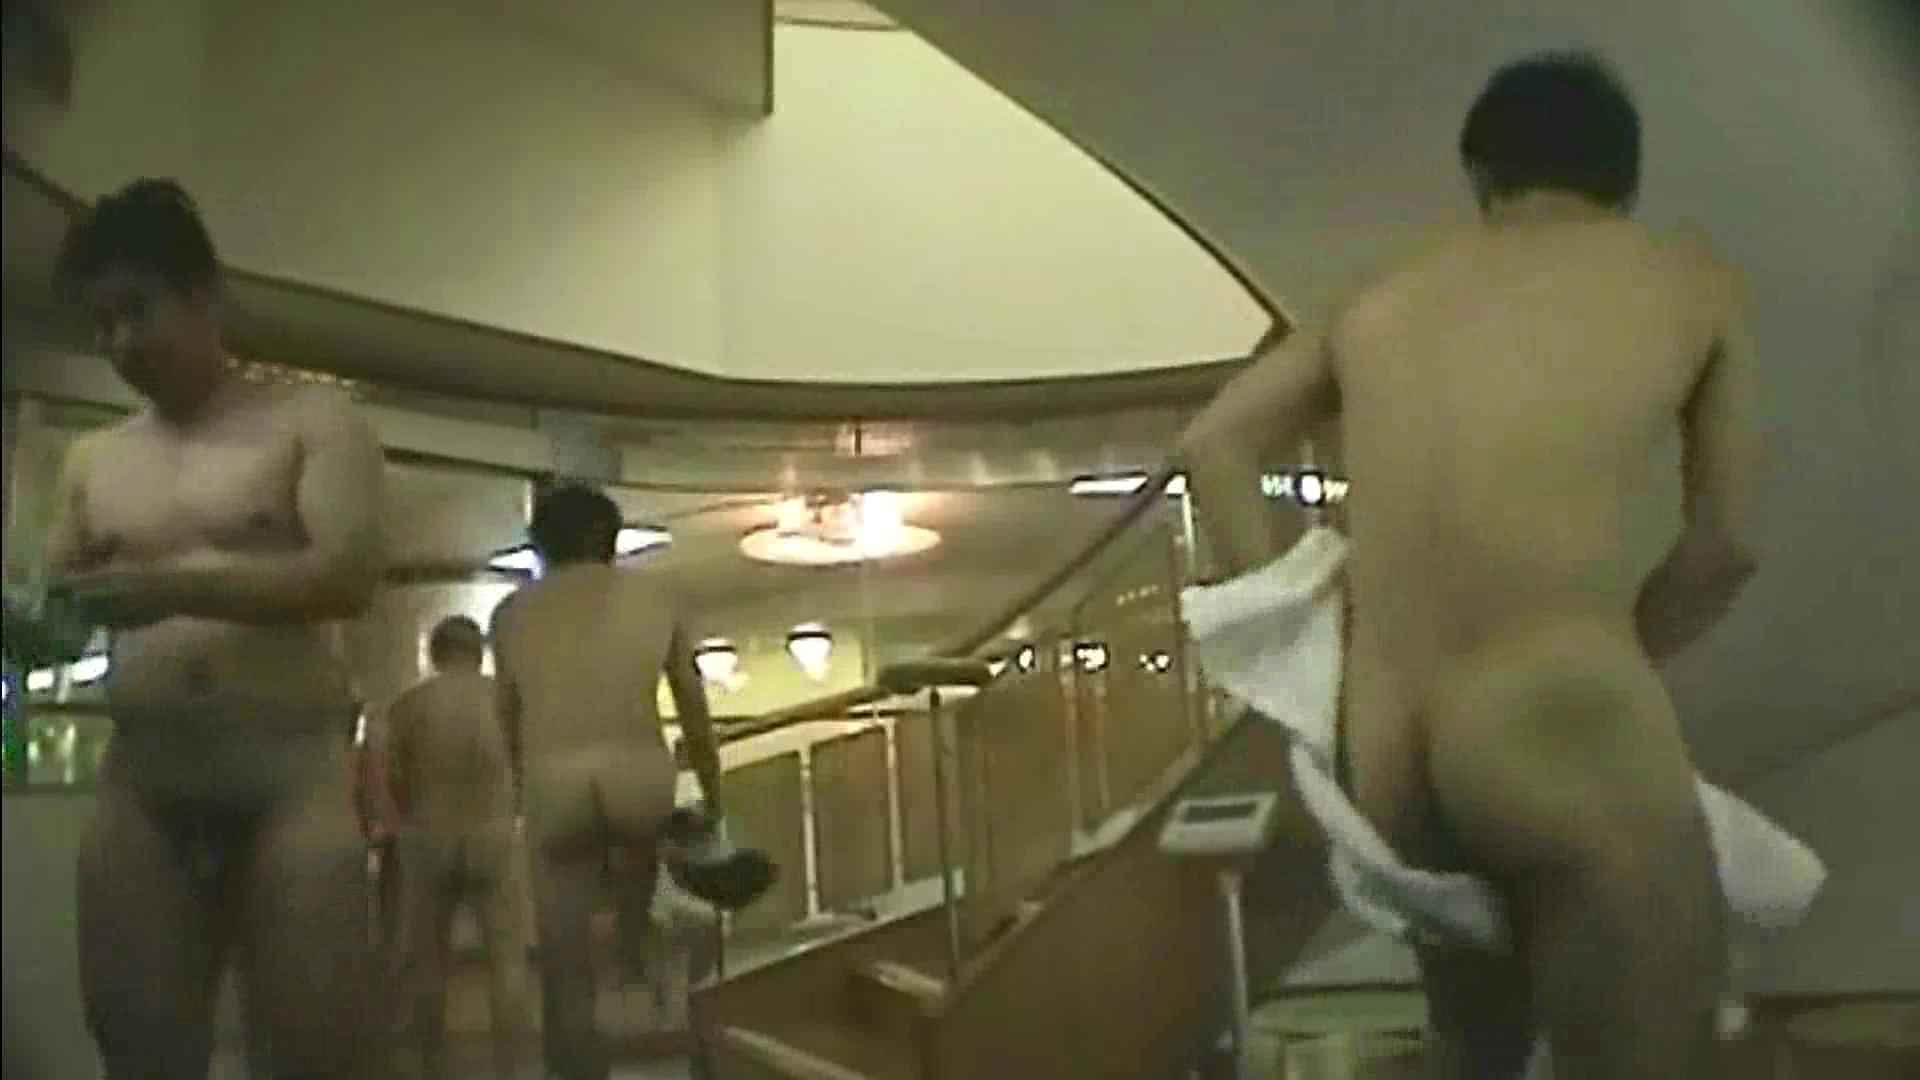 男風呂覗かせていただきます。Vol.02 サル系ボーイズ | ボーイズチンコ  93pic 55